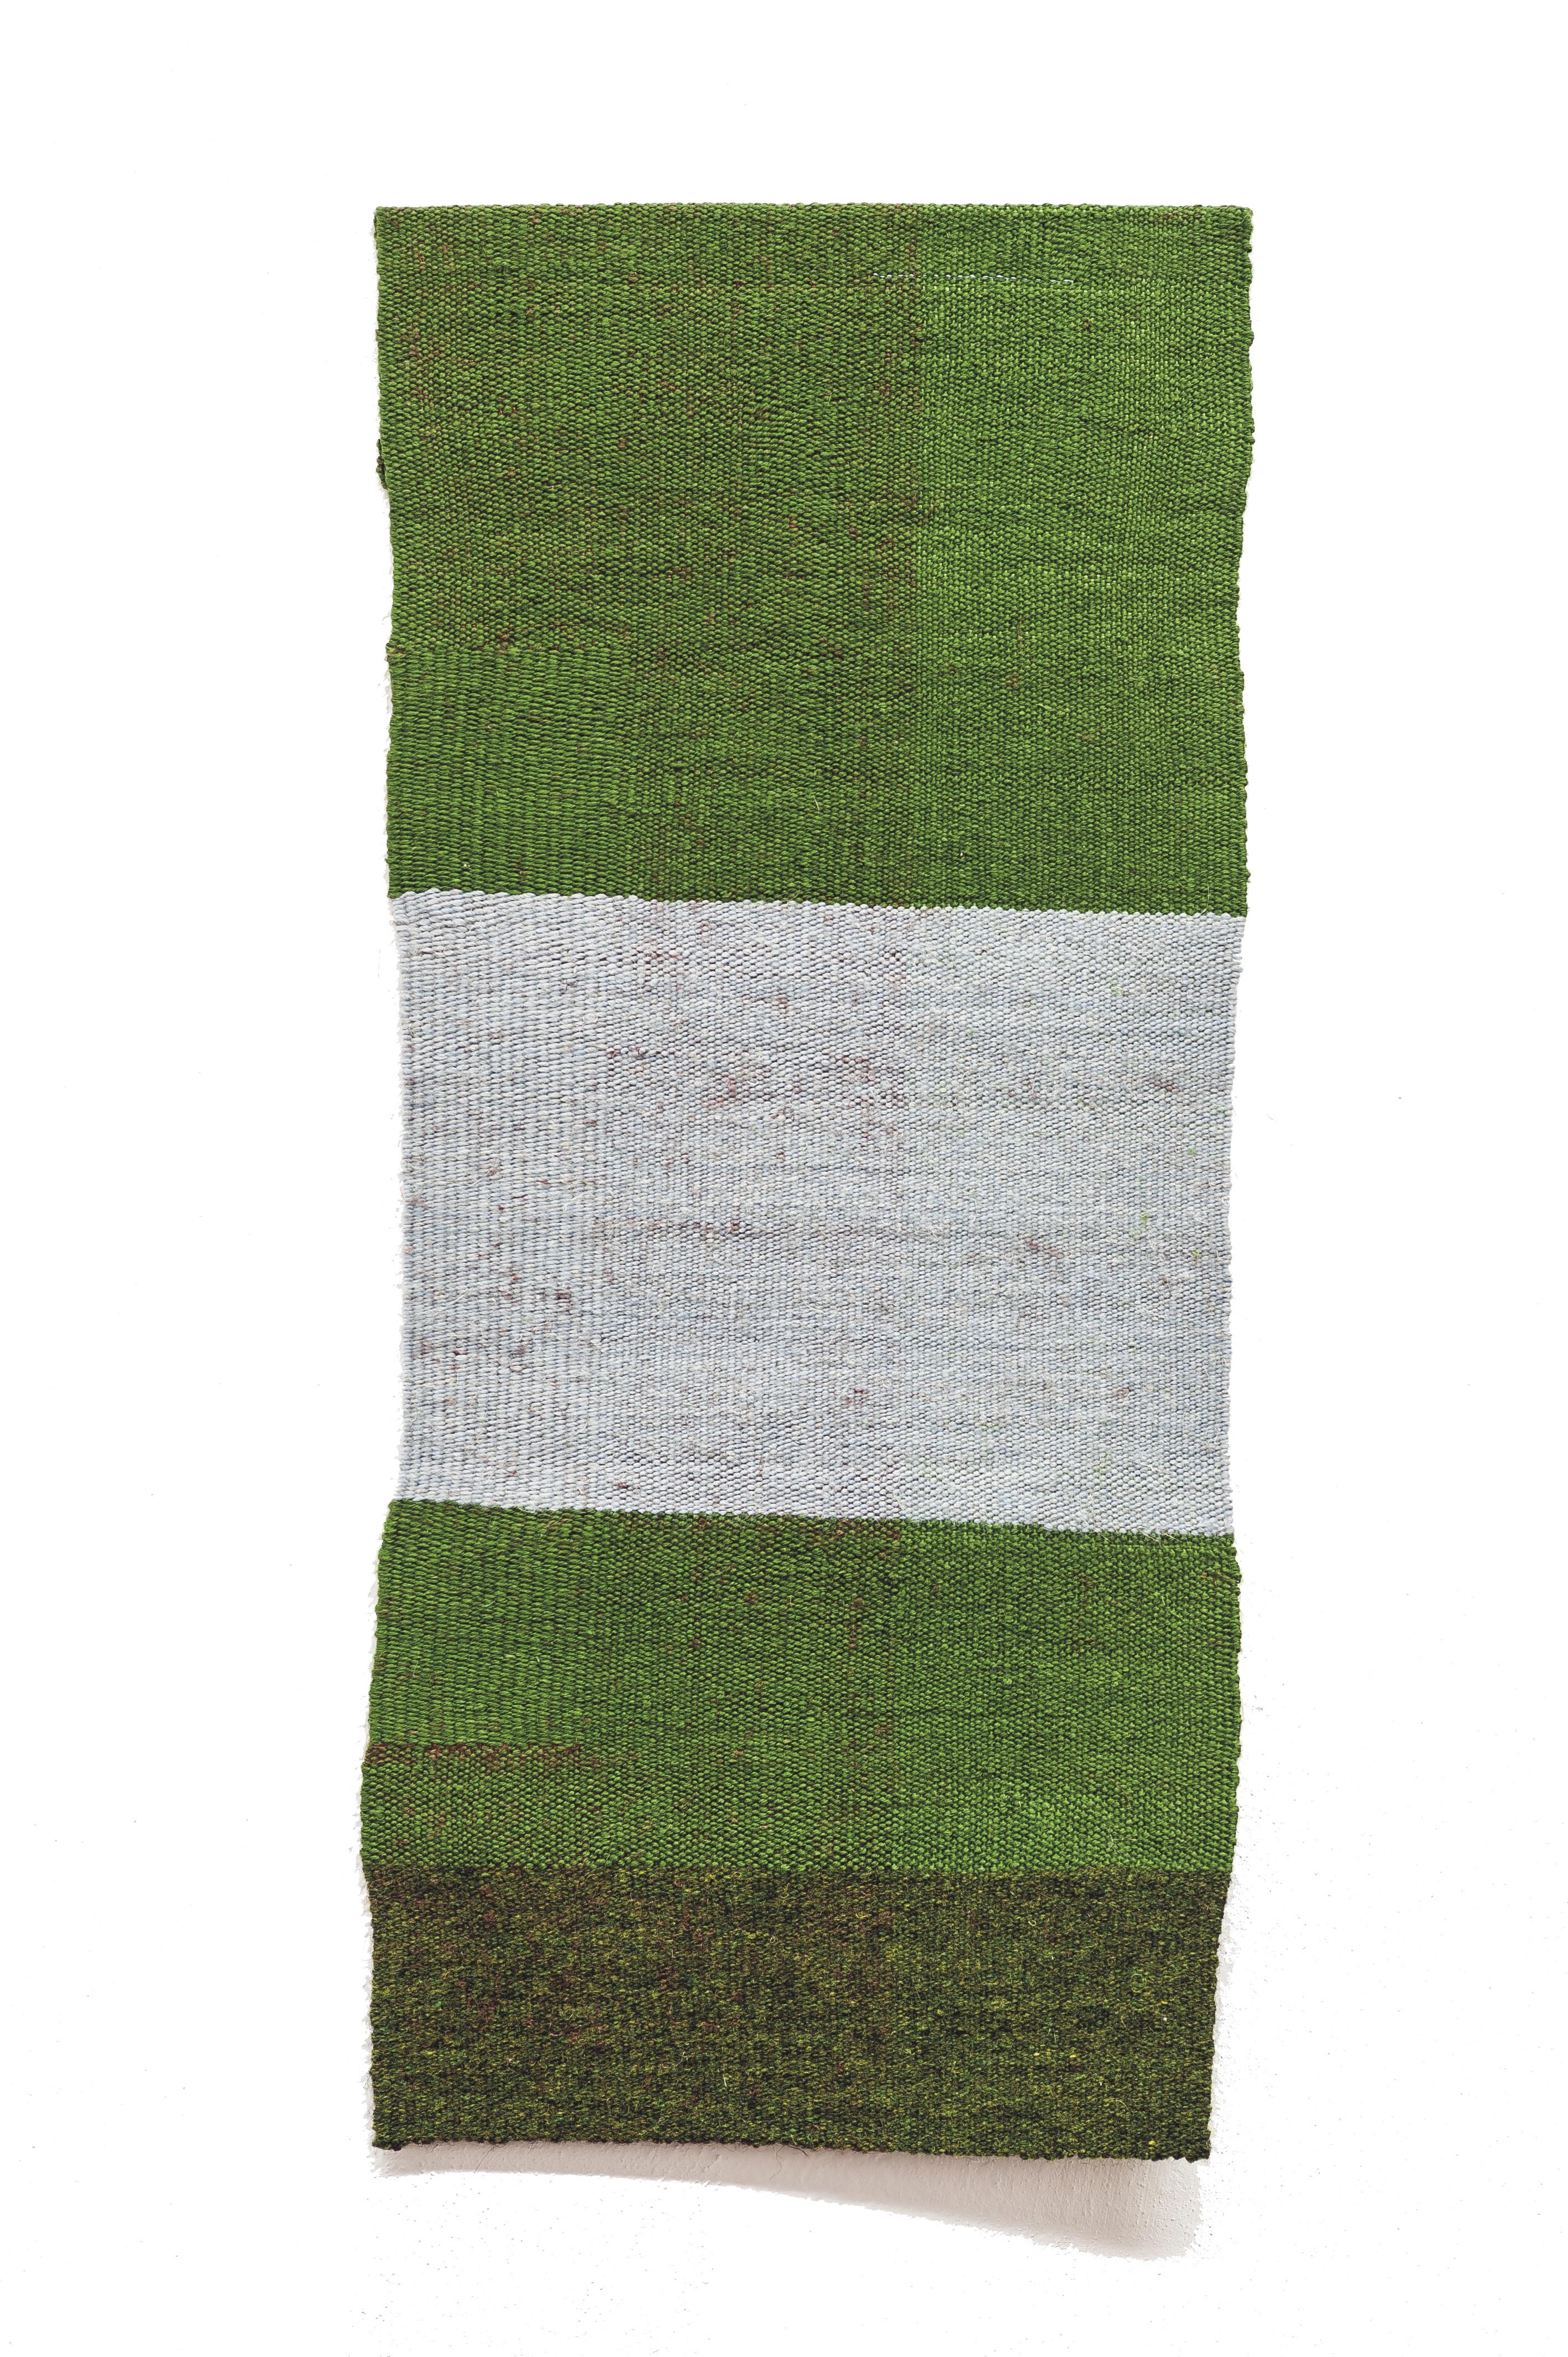 Helen Mirra. May-Overlook-Green Gulch Redwood Creek